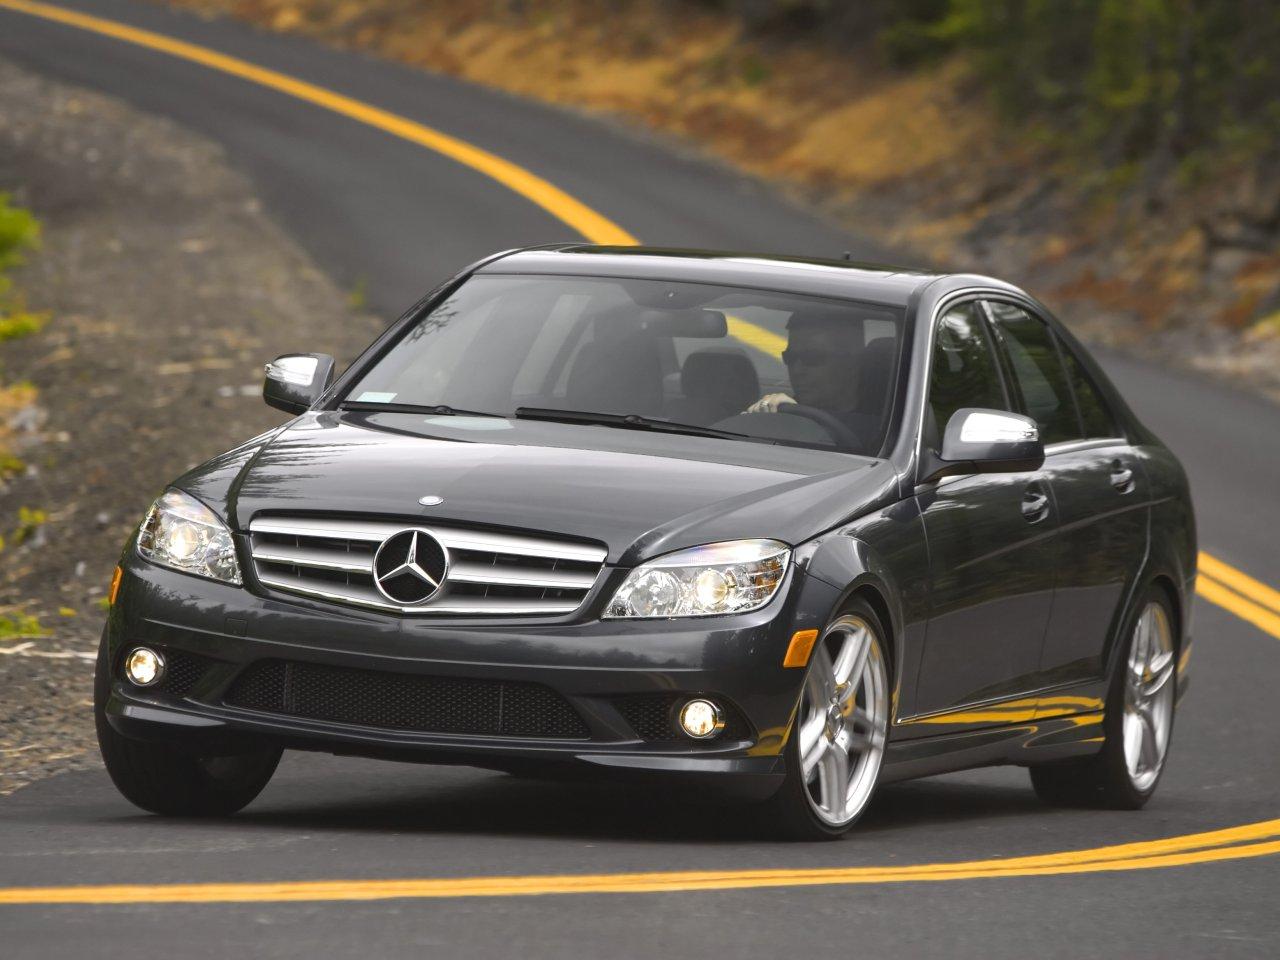 Mercedes Benz C Class Sports Topismag Net